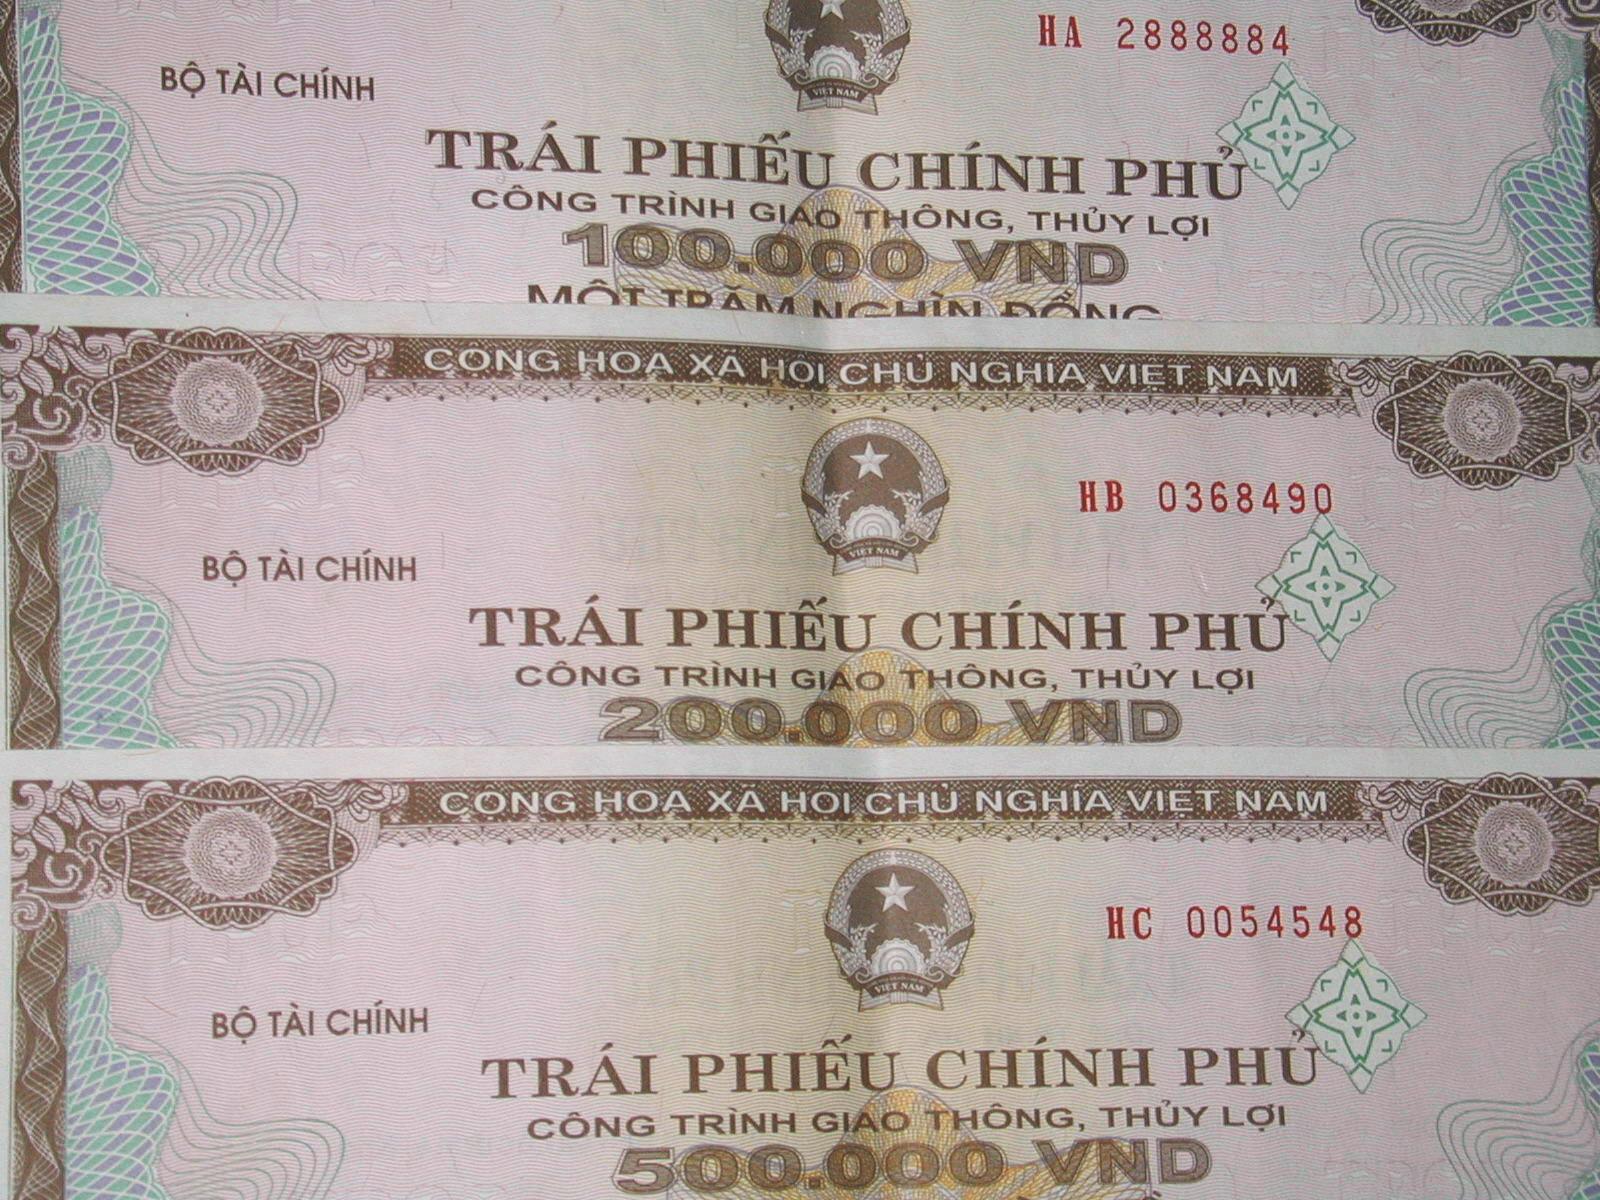 huong dan giao dich trai phieu chinh phu tin phieu kho bac